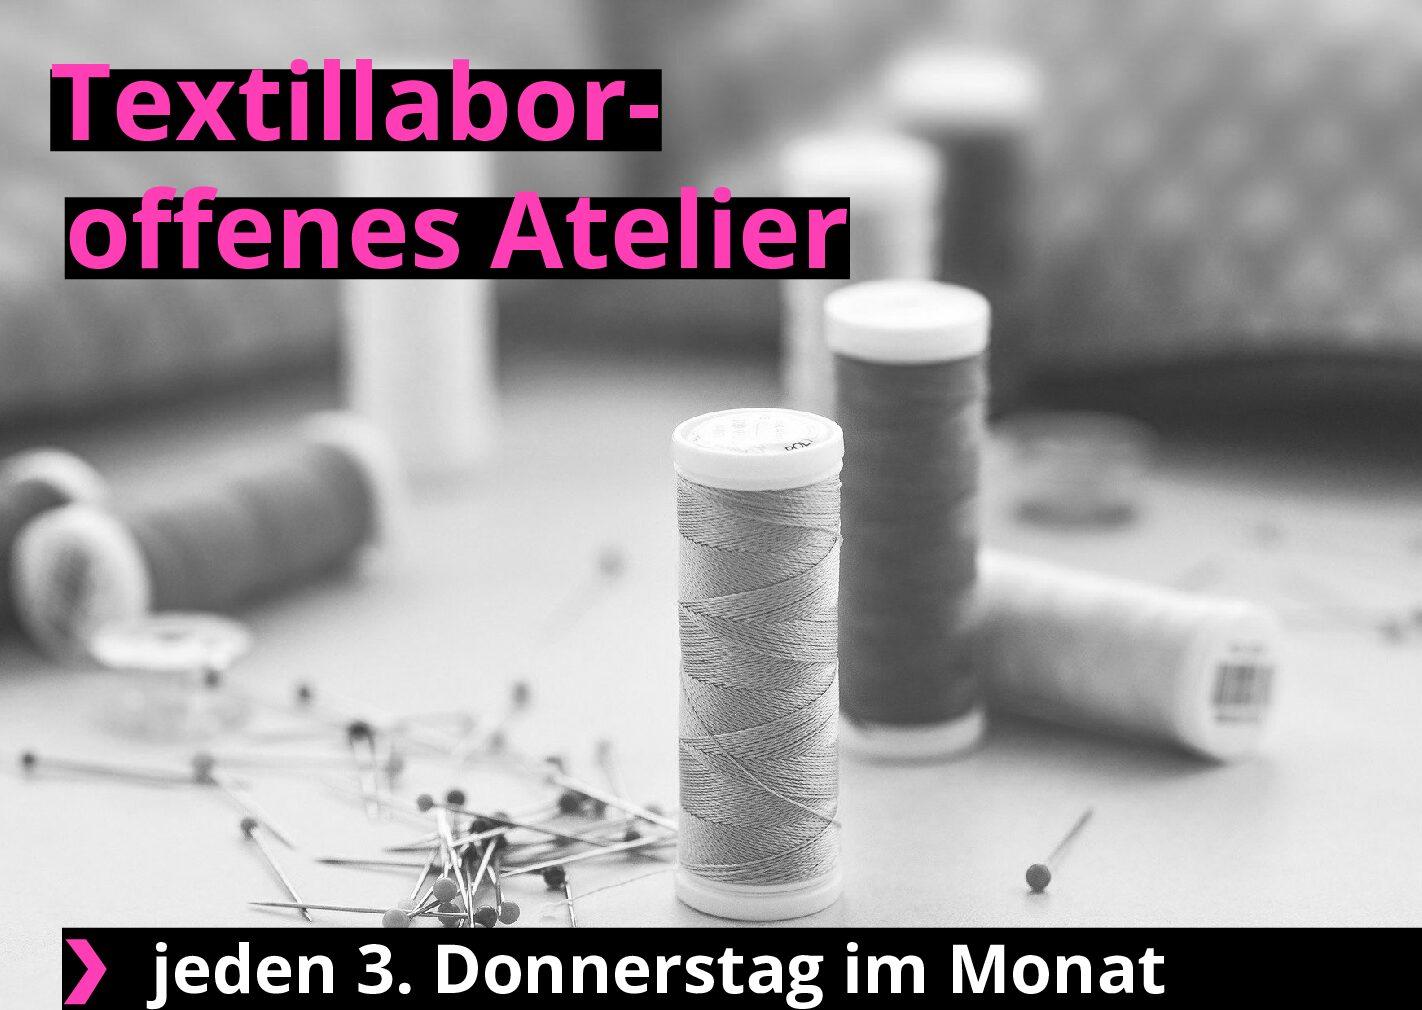 Textillabor-offener Kurs